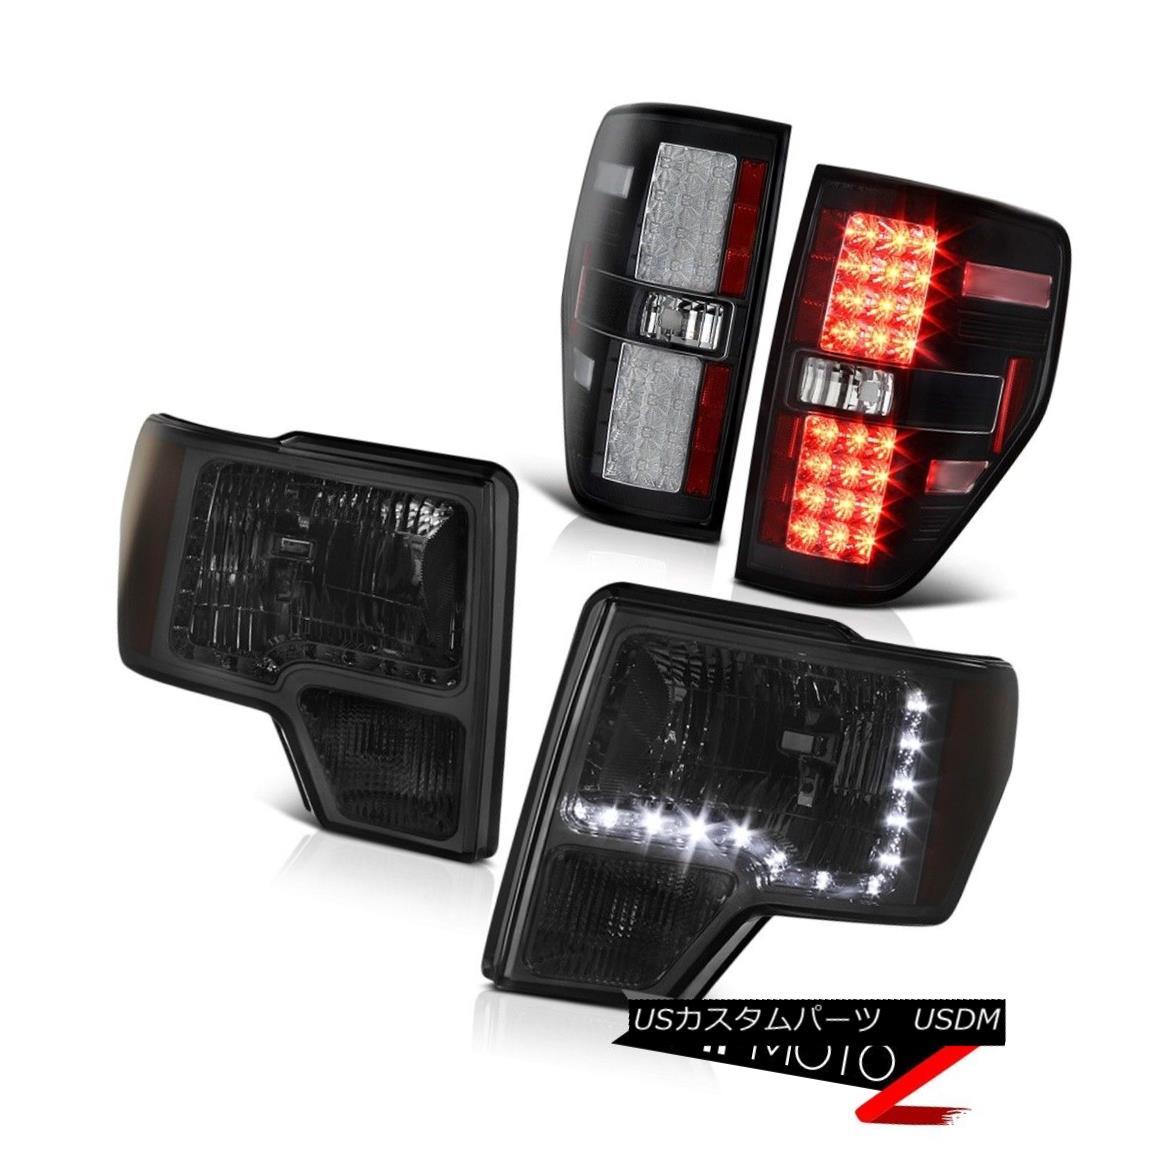 テールライト Ford F150 2009-2014 Smoke LED Headlight Amber Signal Lamp+Black LED Tail Light フォードF150 2009-2014煙LEDヘッドライト琥珀色の信号ランプ+ブラックLEDテールライト